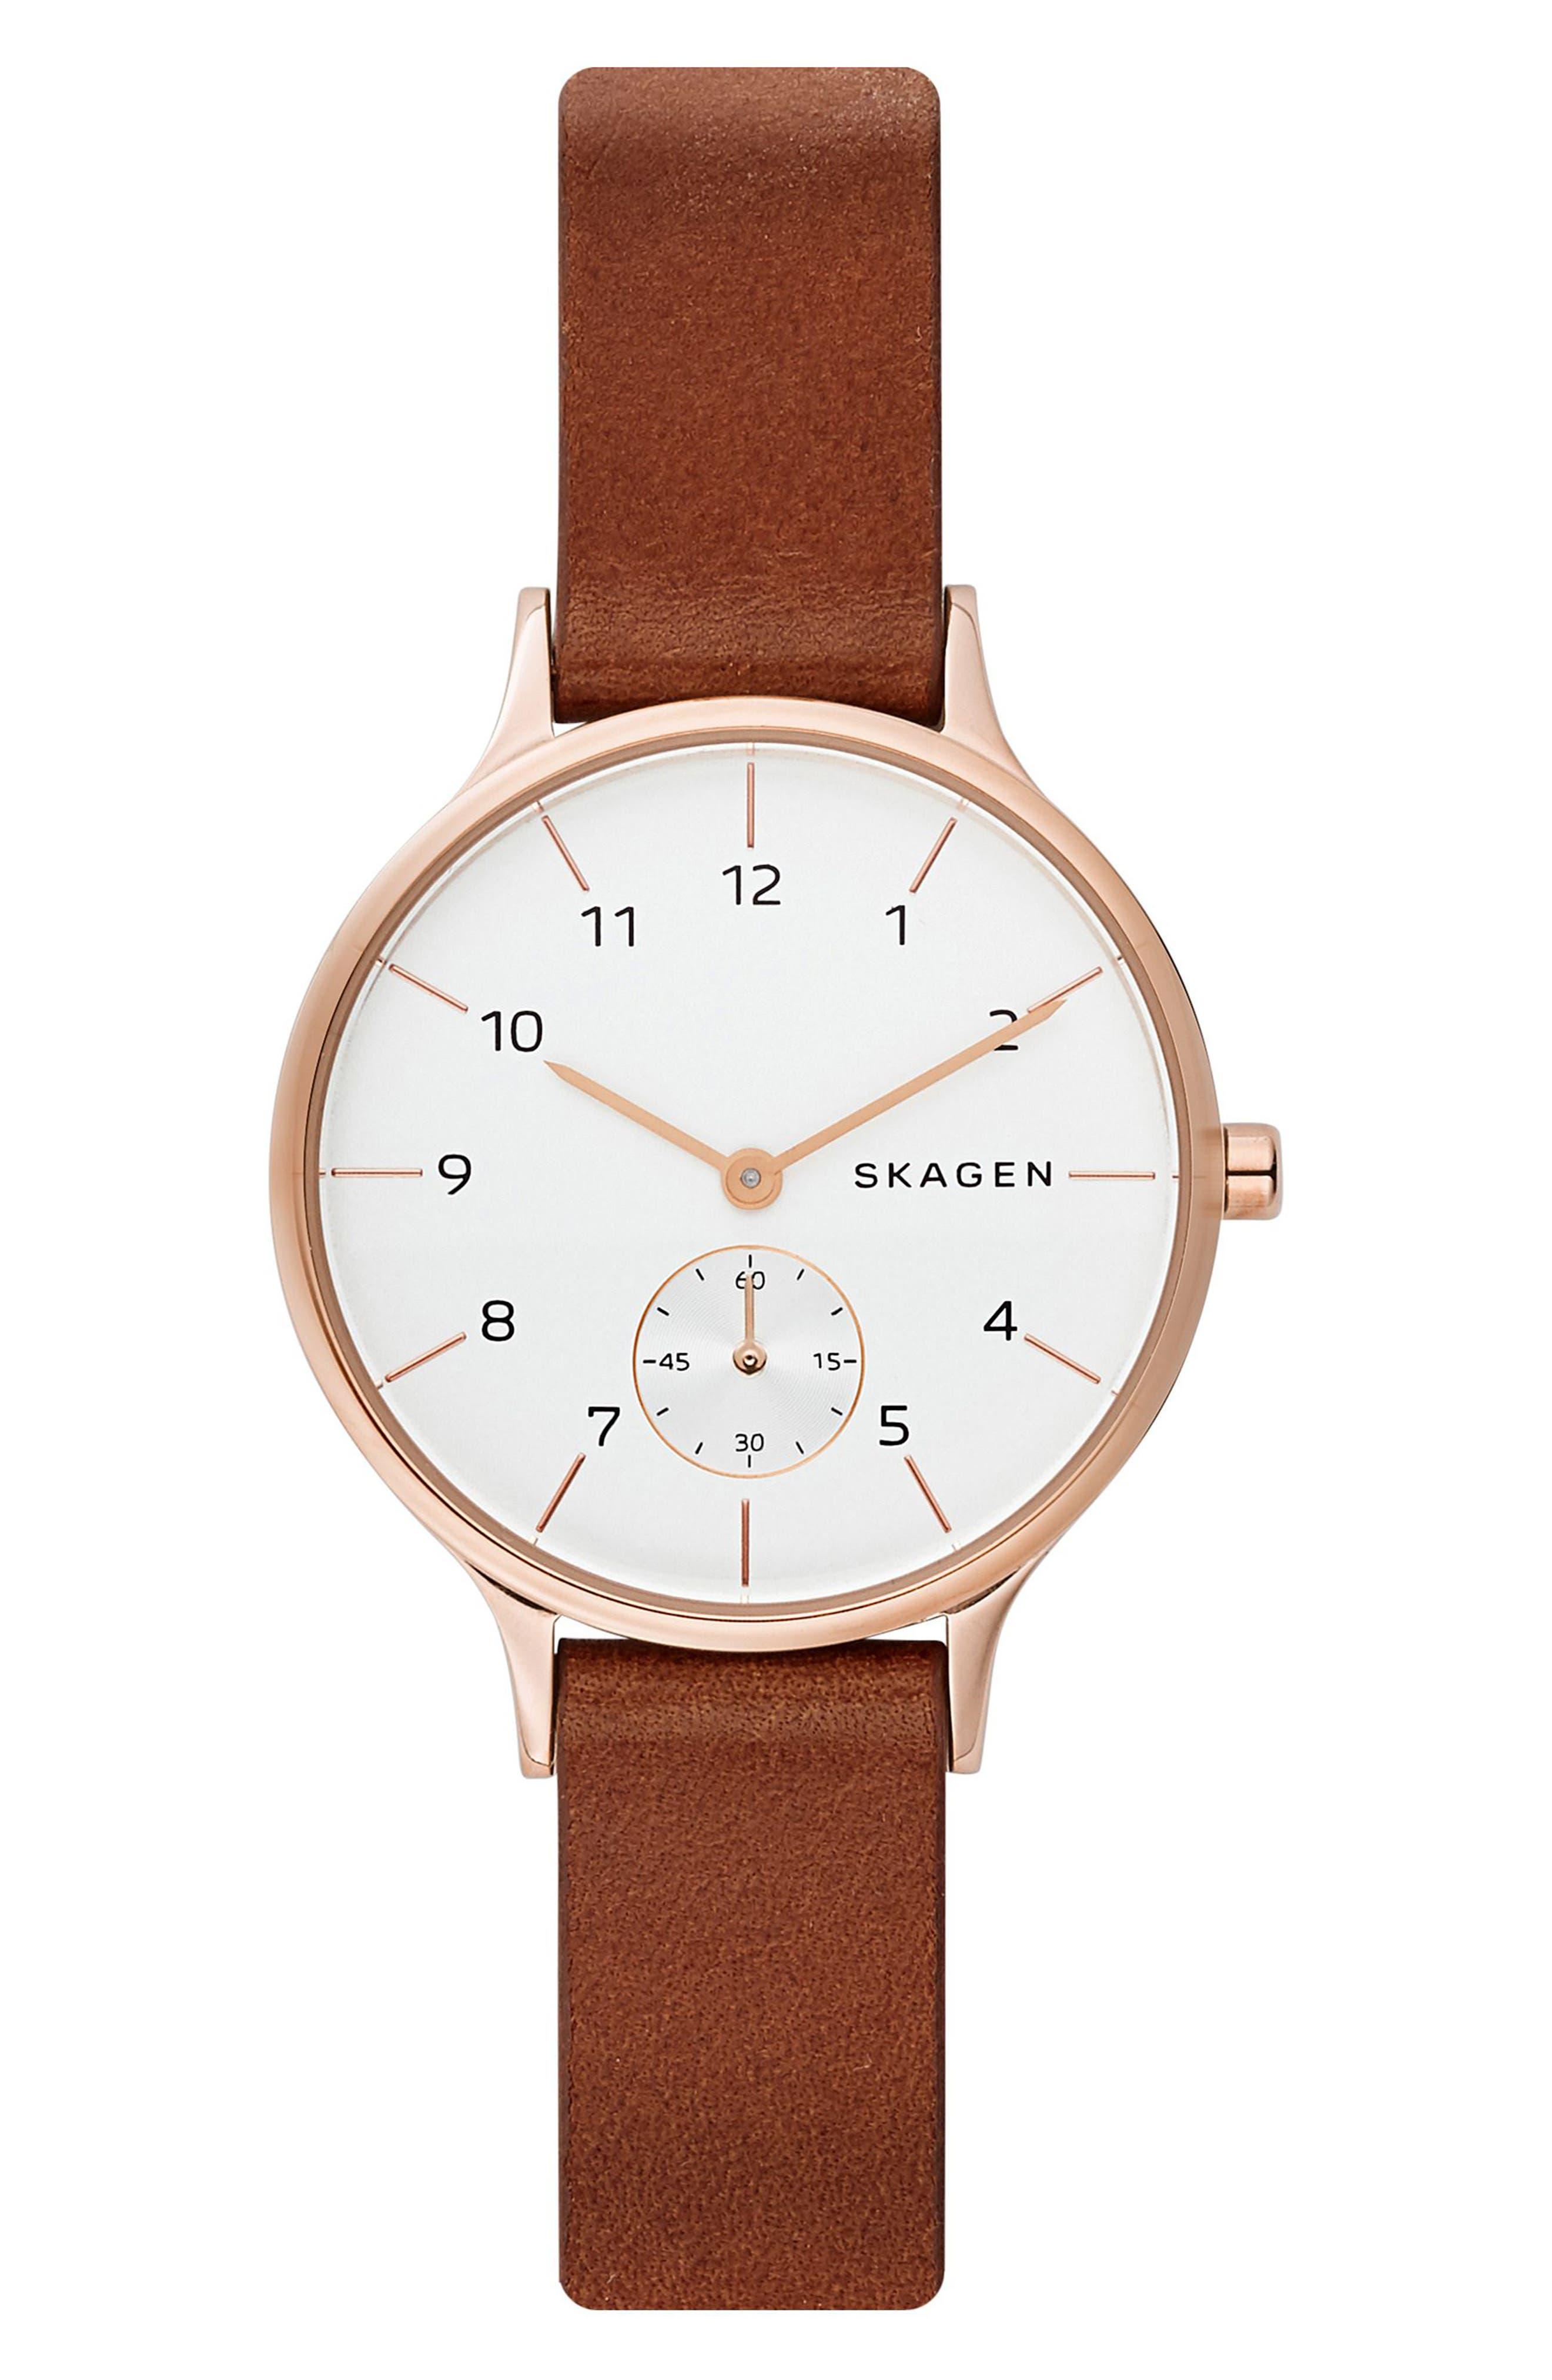 SKAGEN Anita Leather Strap Watch, 34mm